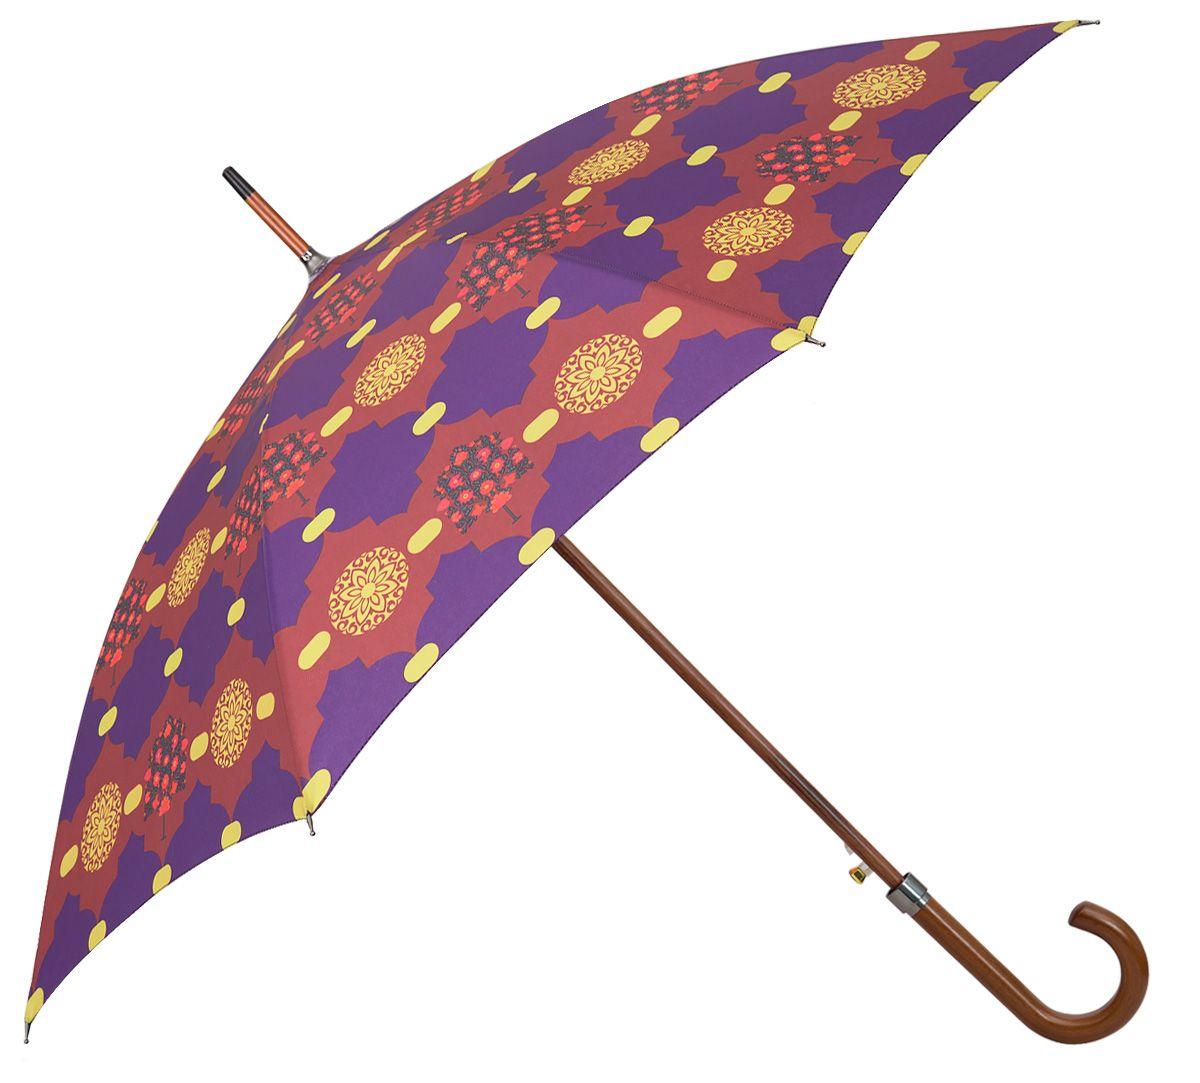 Quintessential Umbrellas